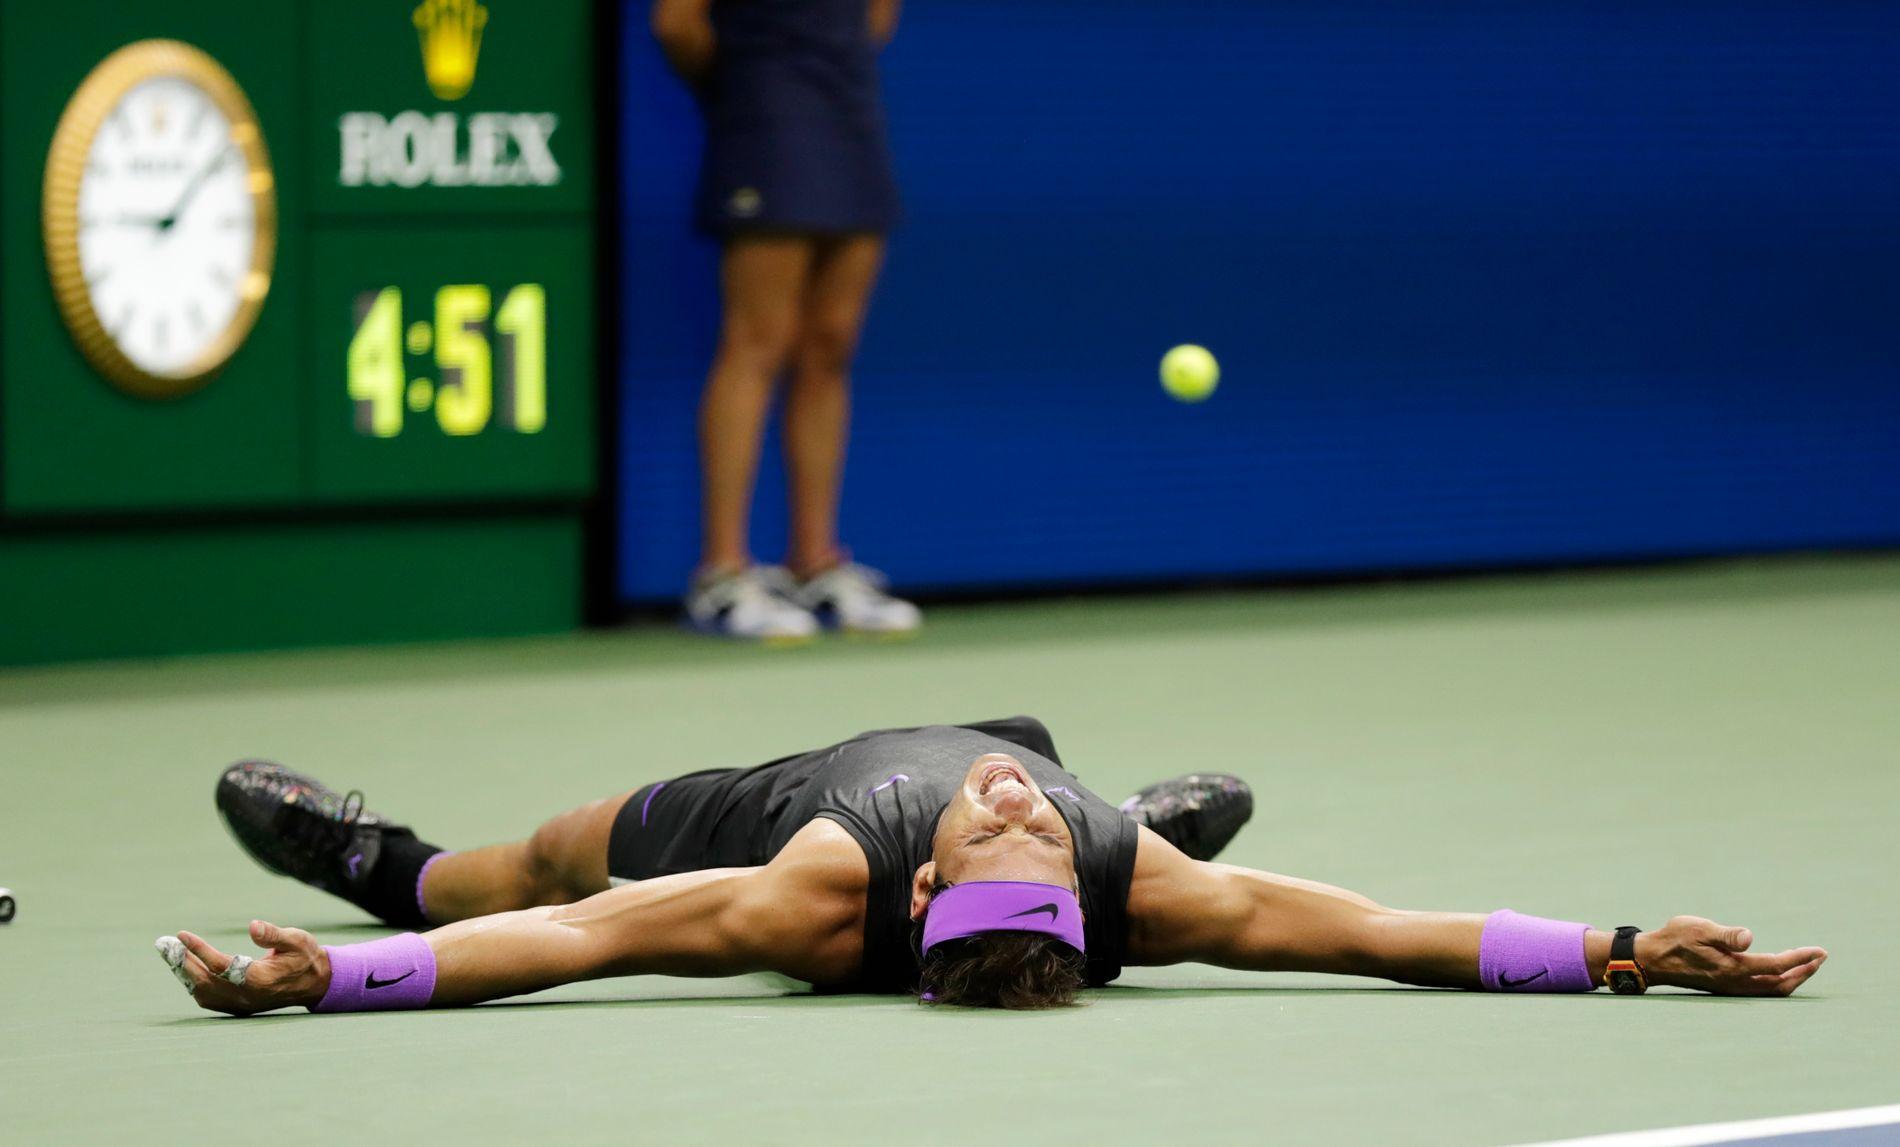 Rafael Nadal var helt slått ut etter nesten fem timers hard kamp mot Daniil Medvedev søndag på Arthur Ashe Stadium i New York.